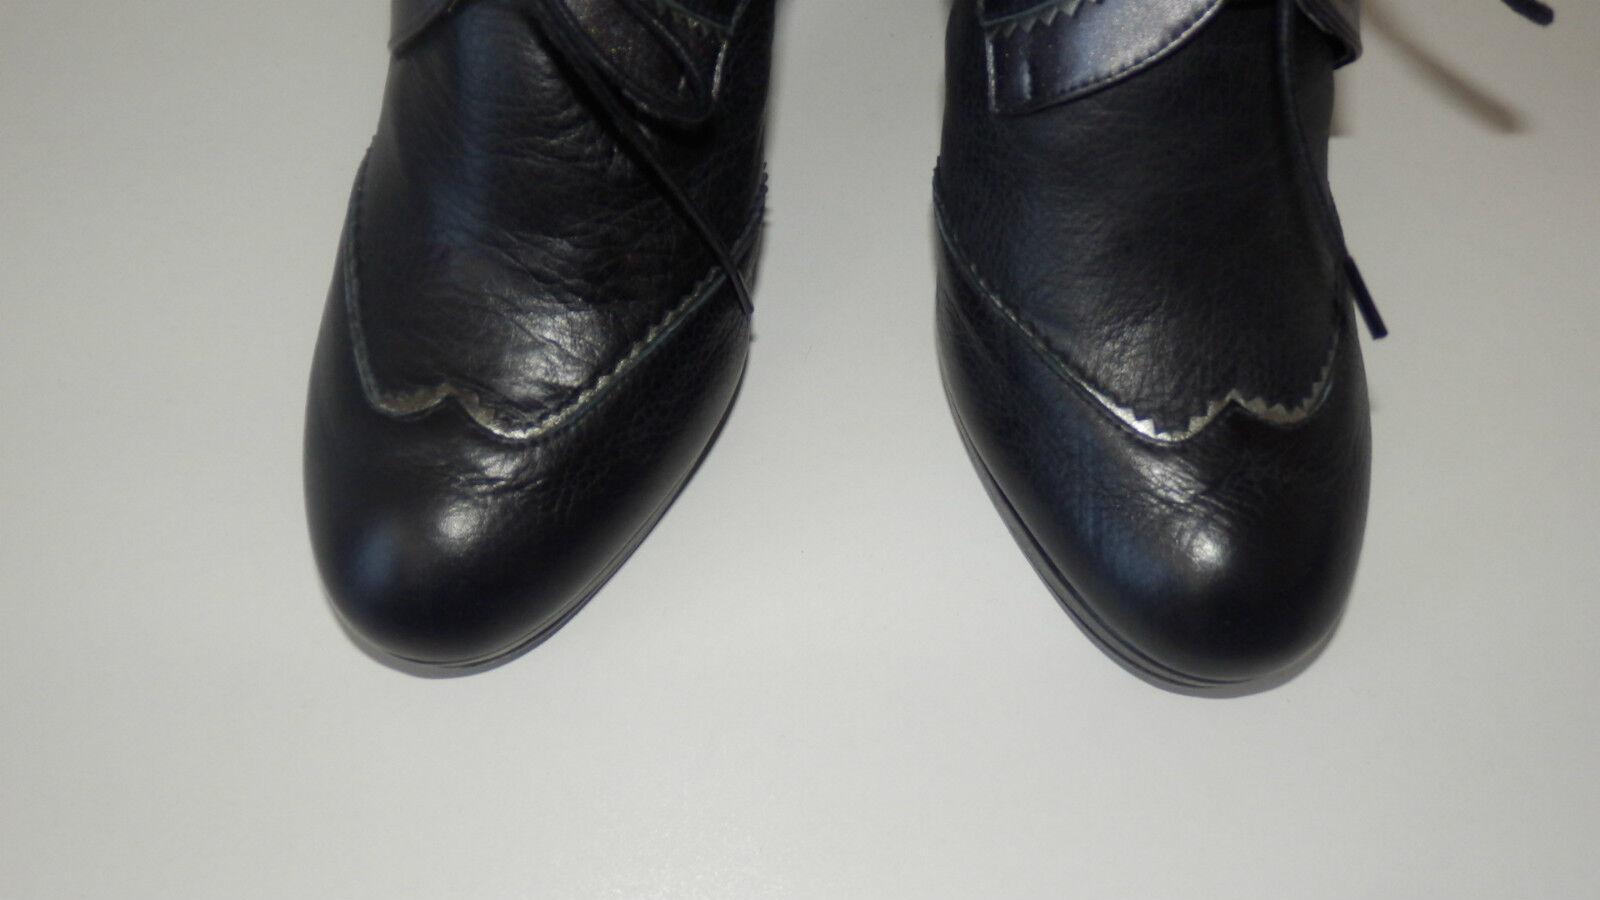 CHILLANY Schnürpumps  Damen-Schuhe Schnürpumps CHILLANY Pumps Gr. 40 neu 6eb109